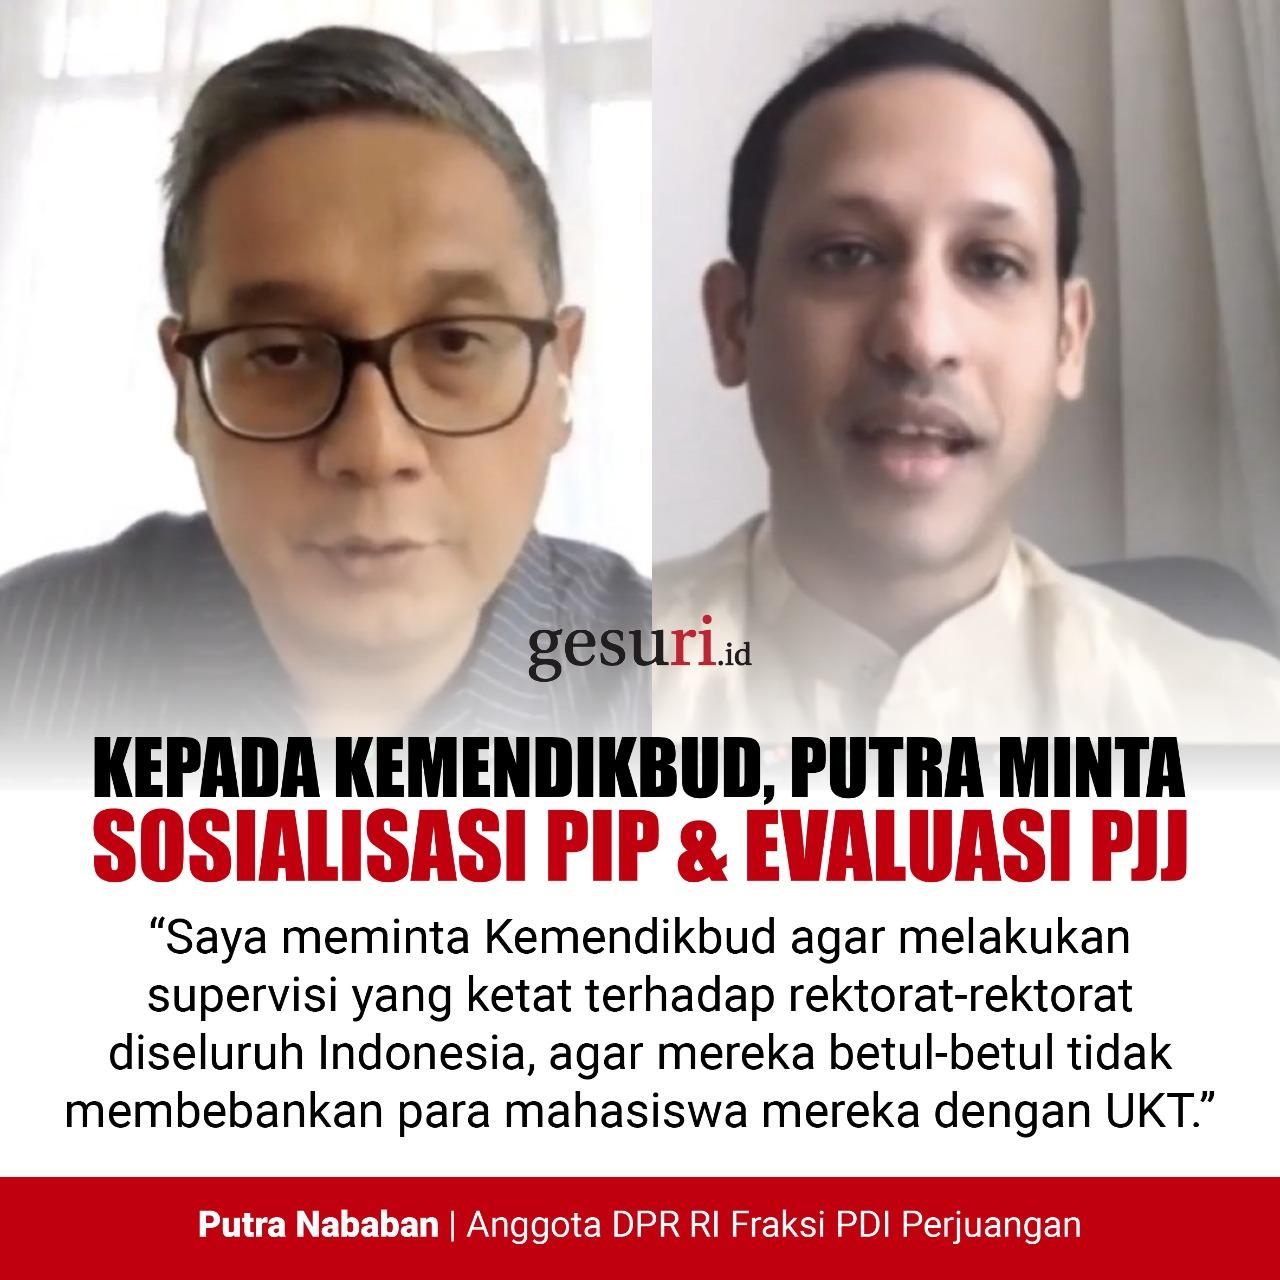 Putra Minta Sosialiasi PIP & Evaluasi PJJ dari Mendikbud